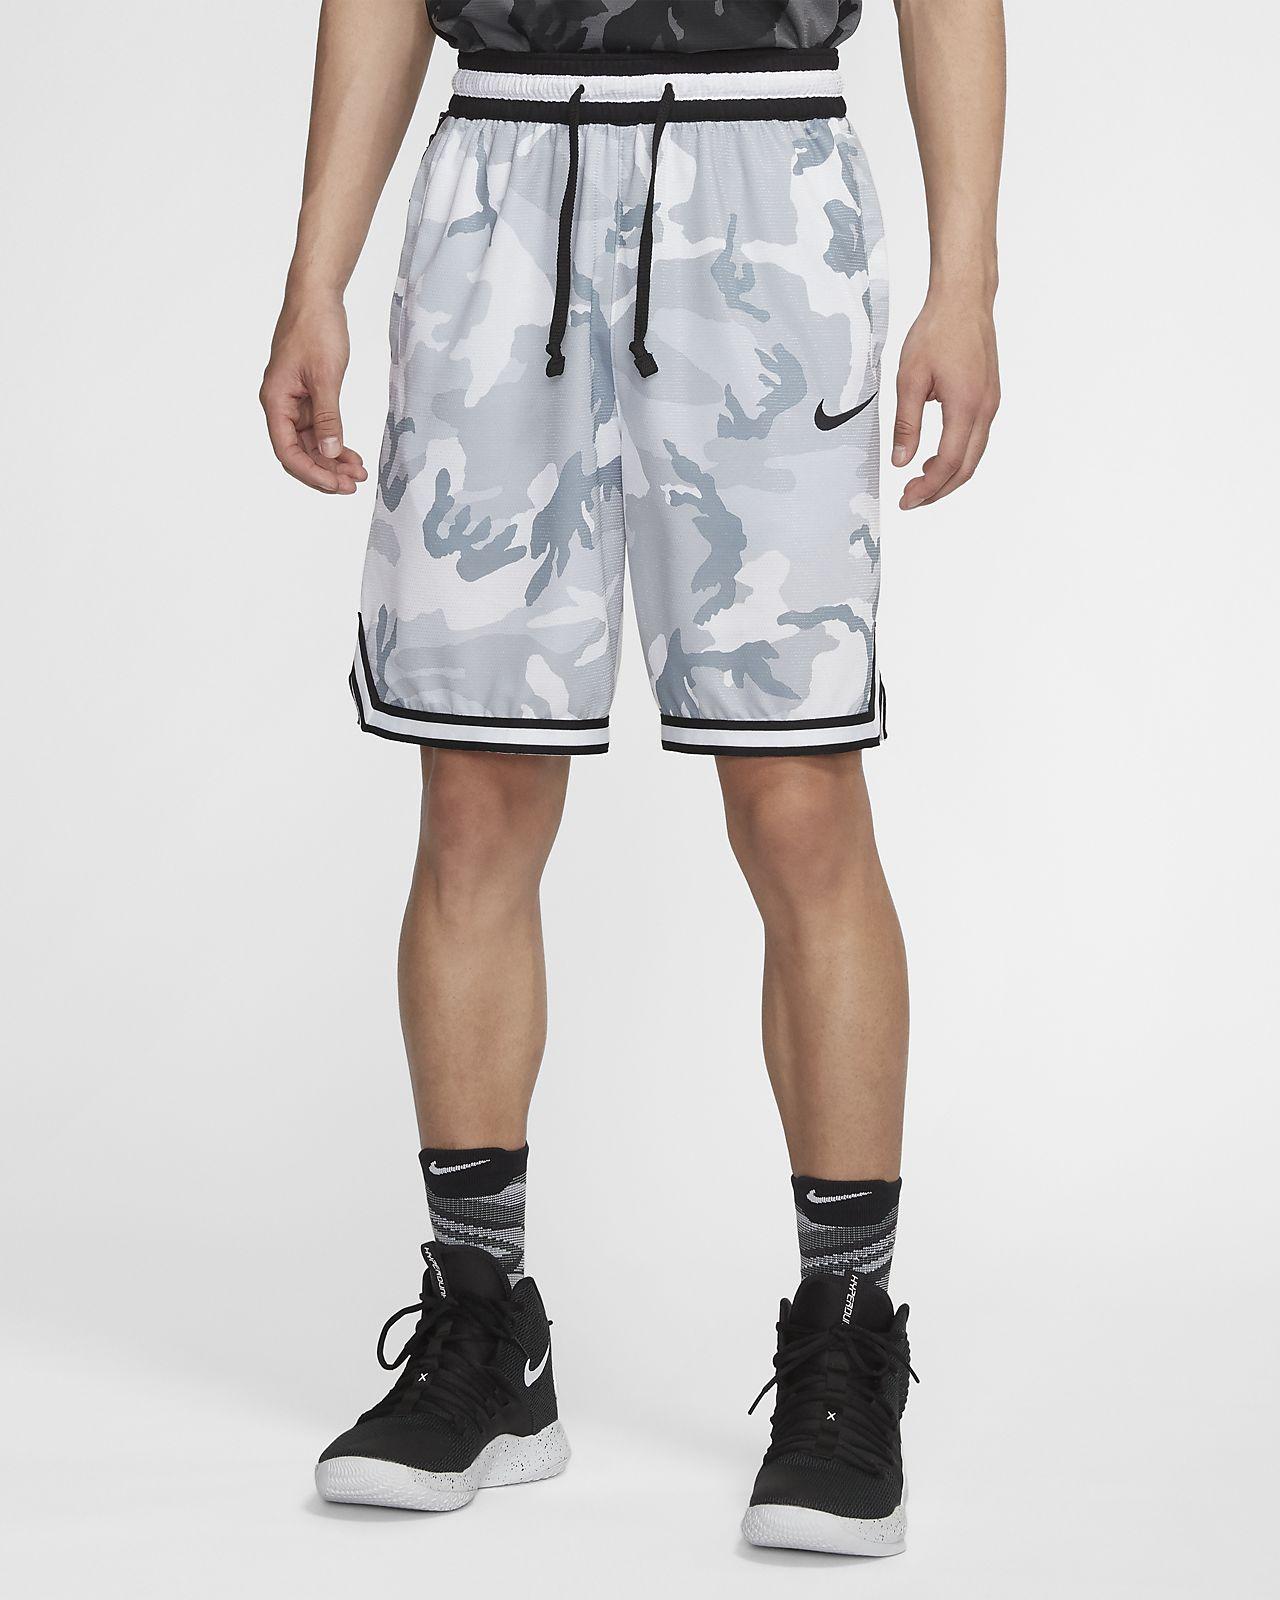 ナイキ Dri-FIT DNA メンズ バスケットボールショートパンツ